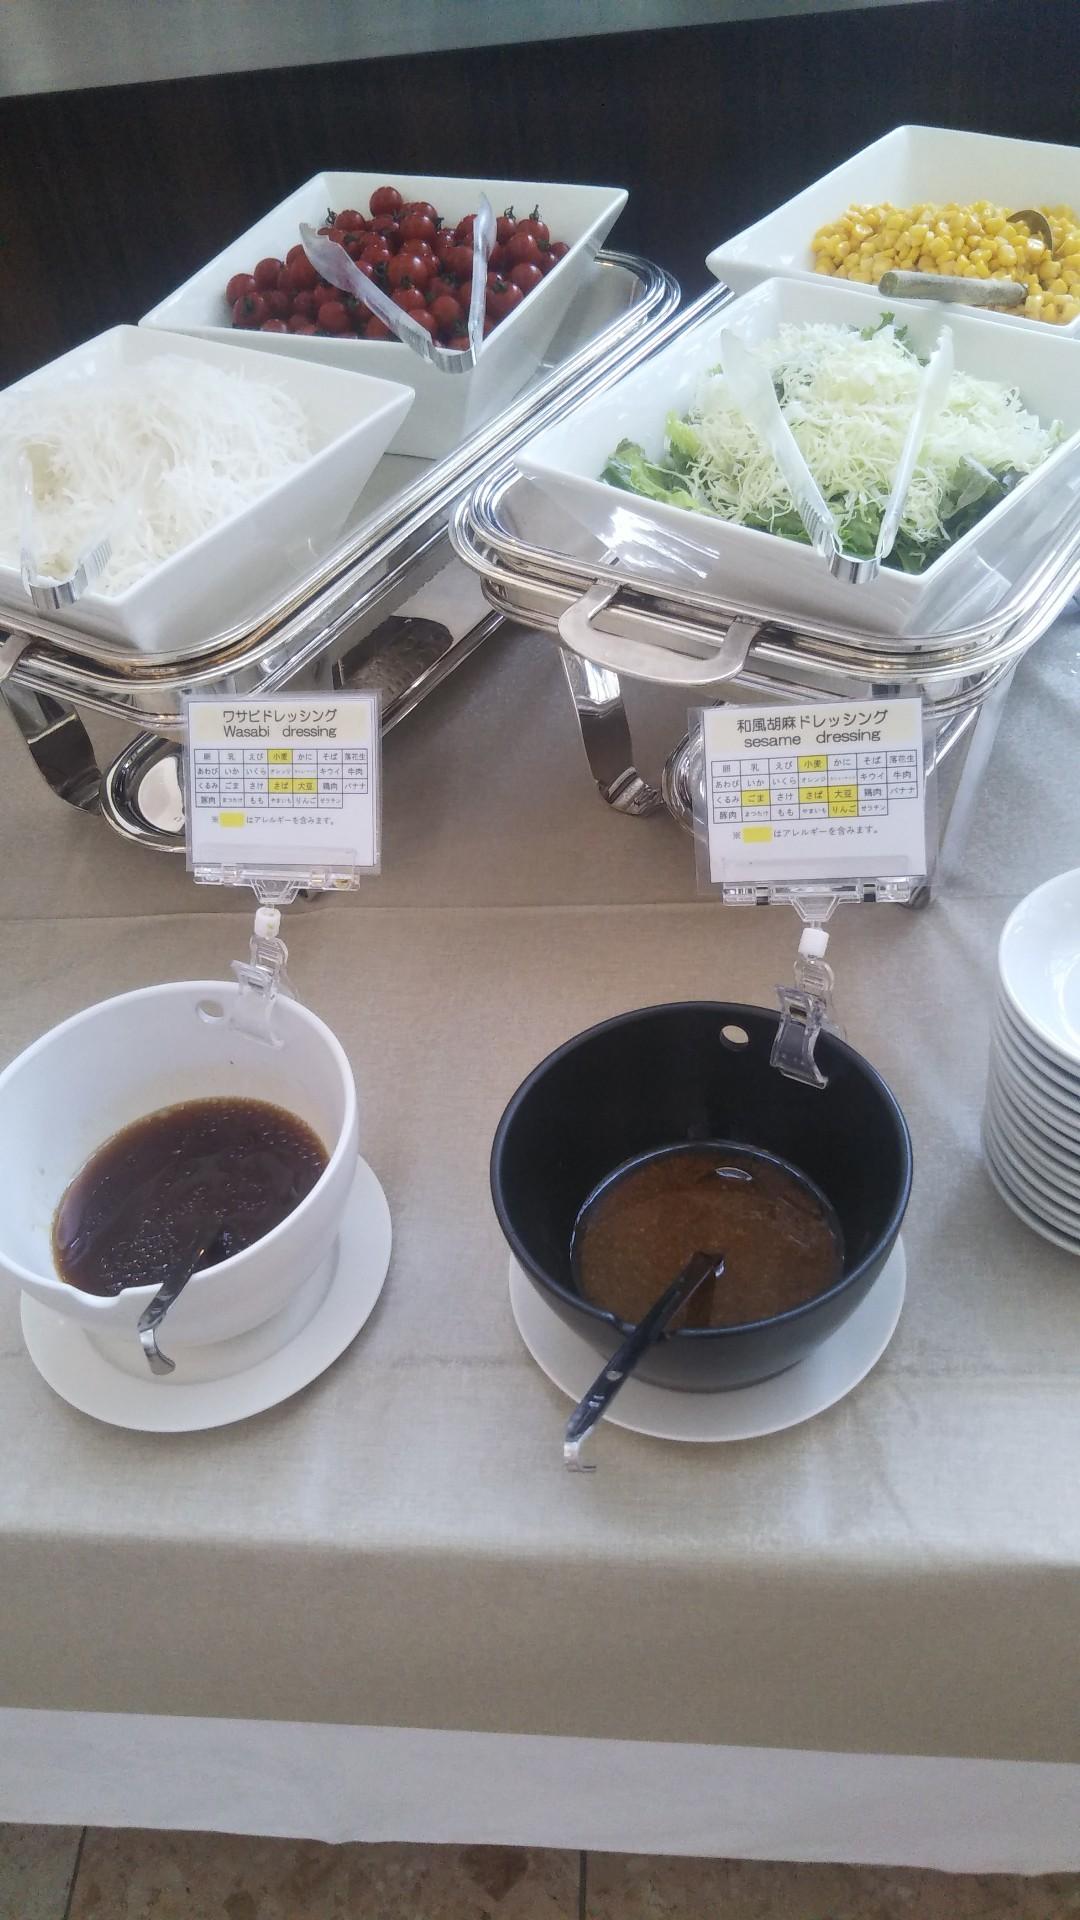 シャトレーゼ ガトーキングダムサッポロ ヴィーニュ Dessert Buffet~夏のべジスイーツフェア~_f0076001_23430559.jpg